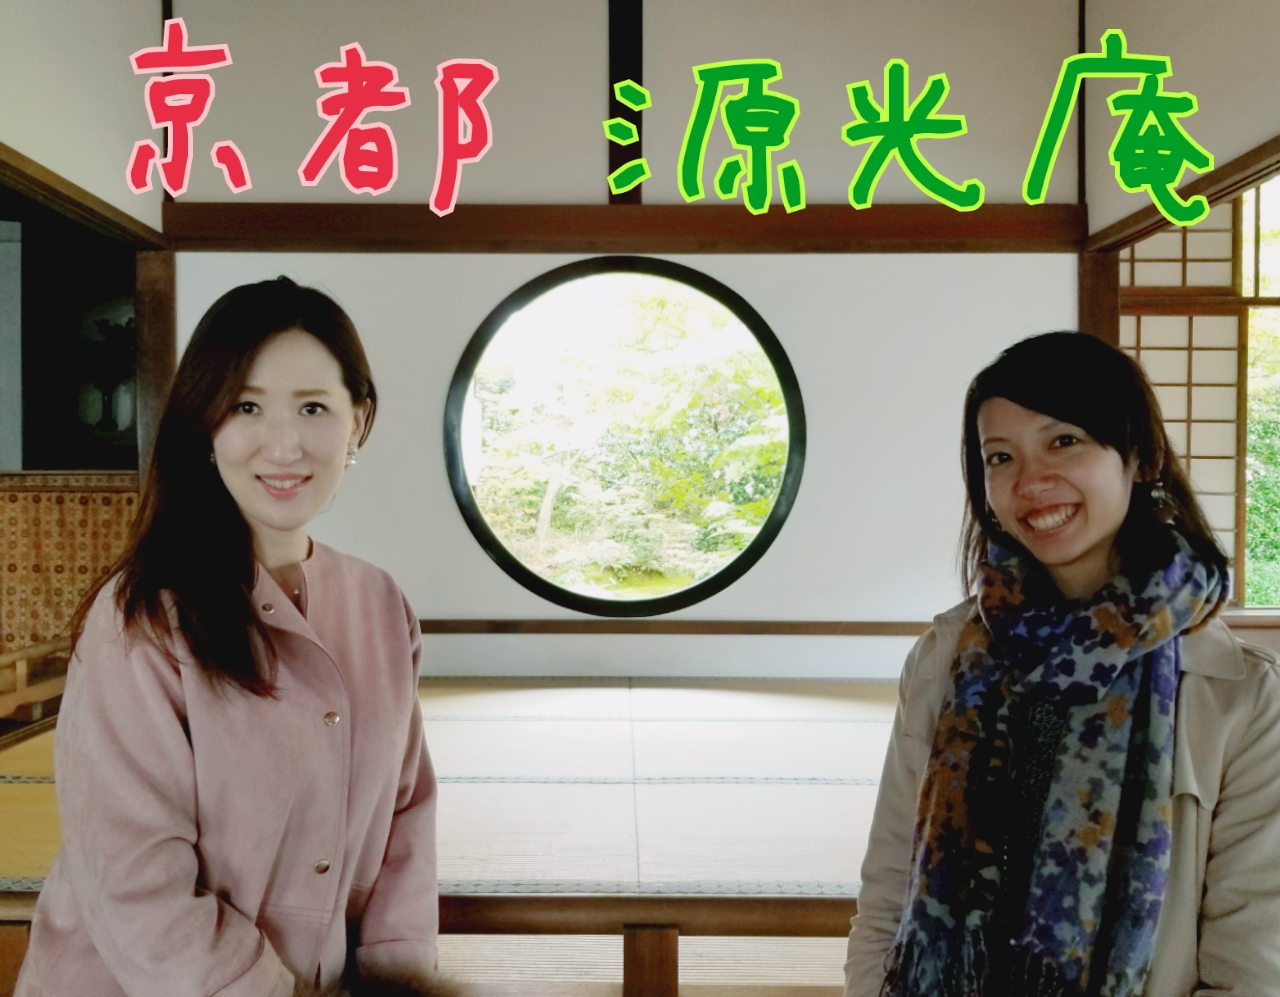 迷いと悟りの窓♥京都で有名な源光庵❤️トムちゃんと